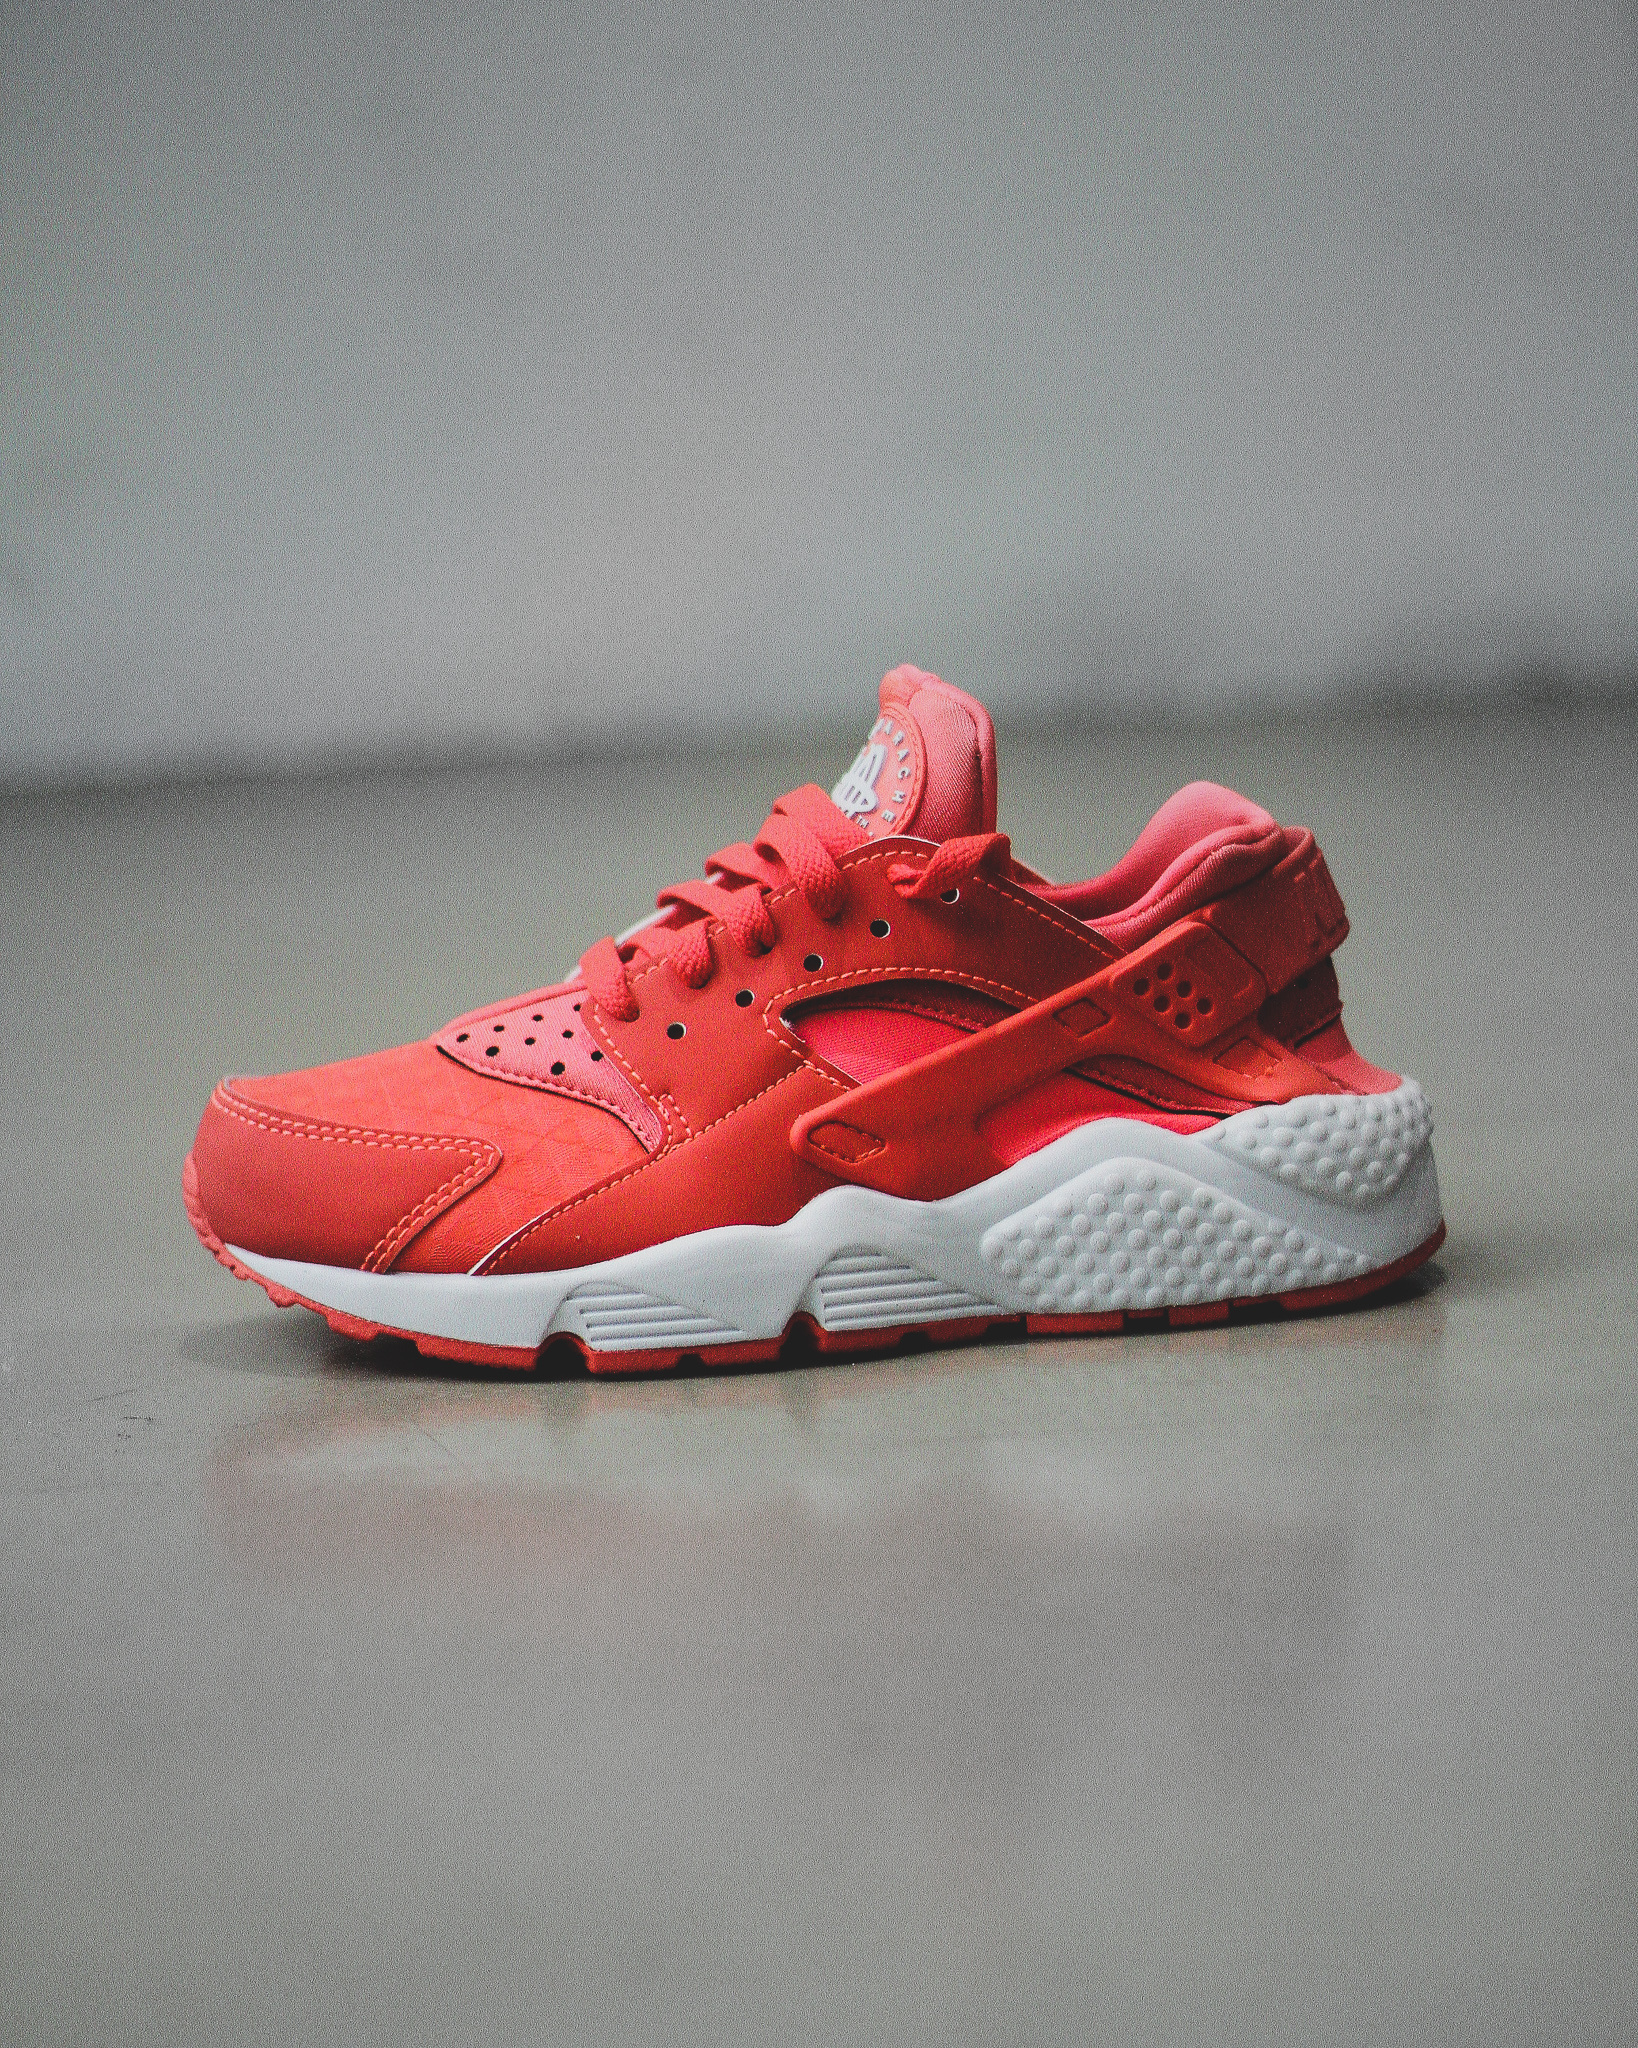 beff8e0e845f WMNS AIR HUARACHE RUN - Sneaker Room - Jersey City